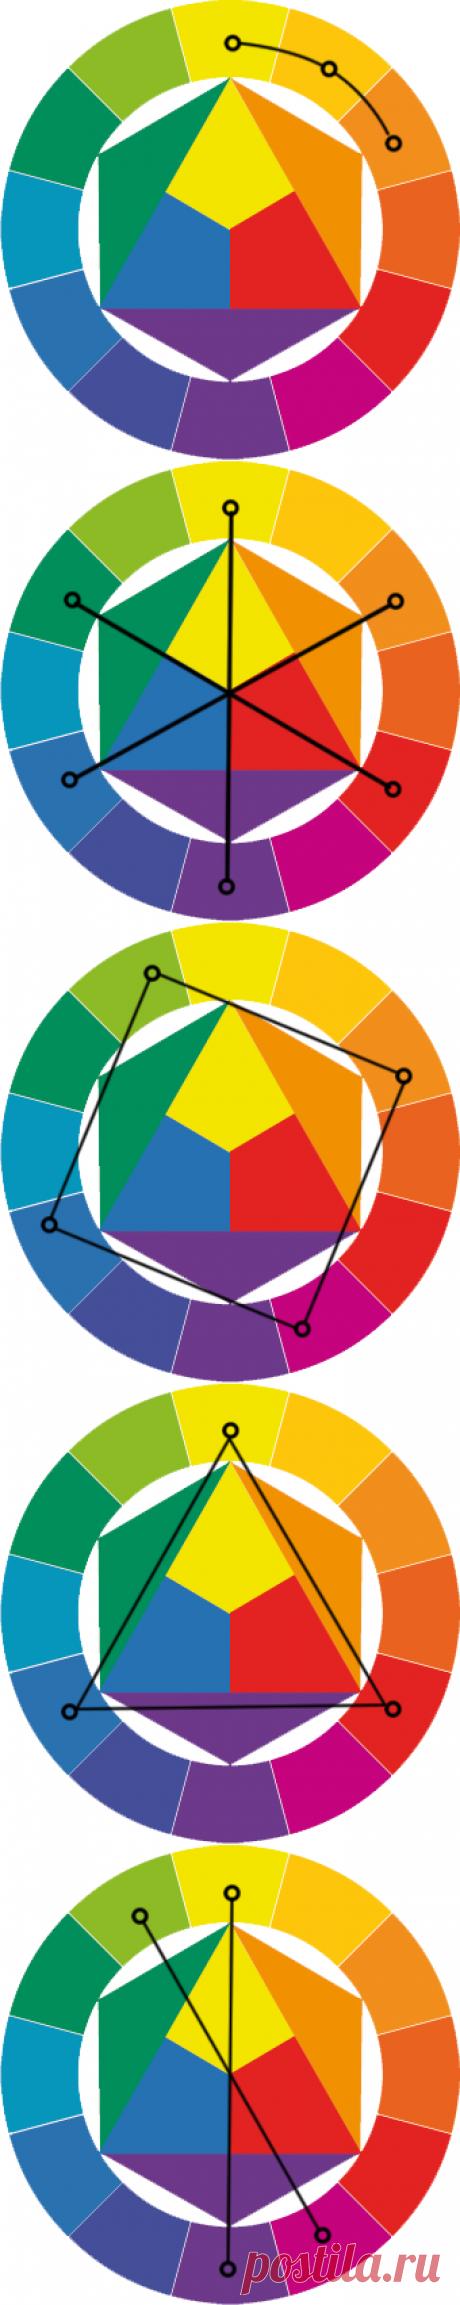 Правила использования цветового круга Иттена